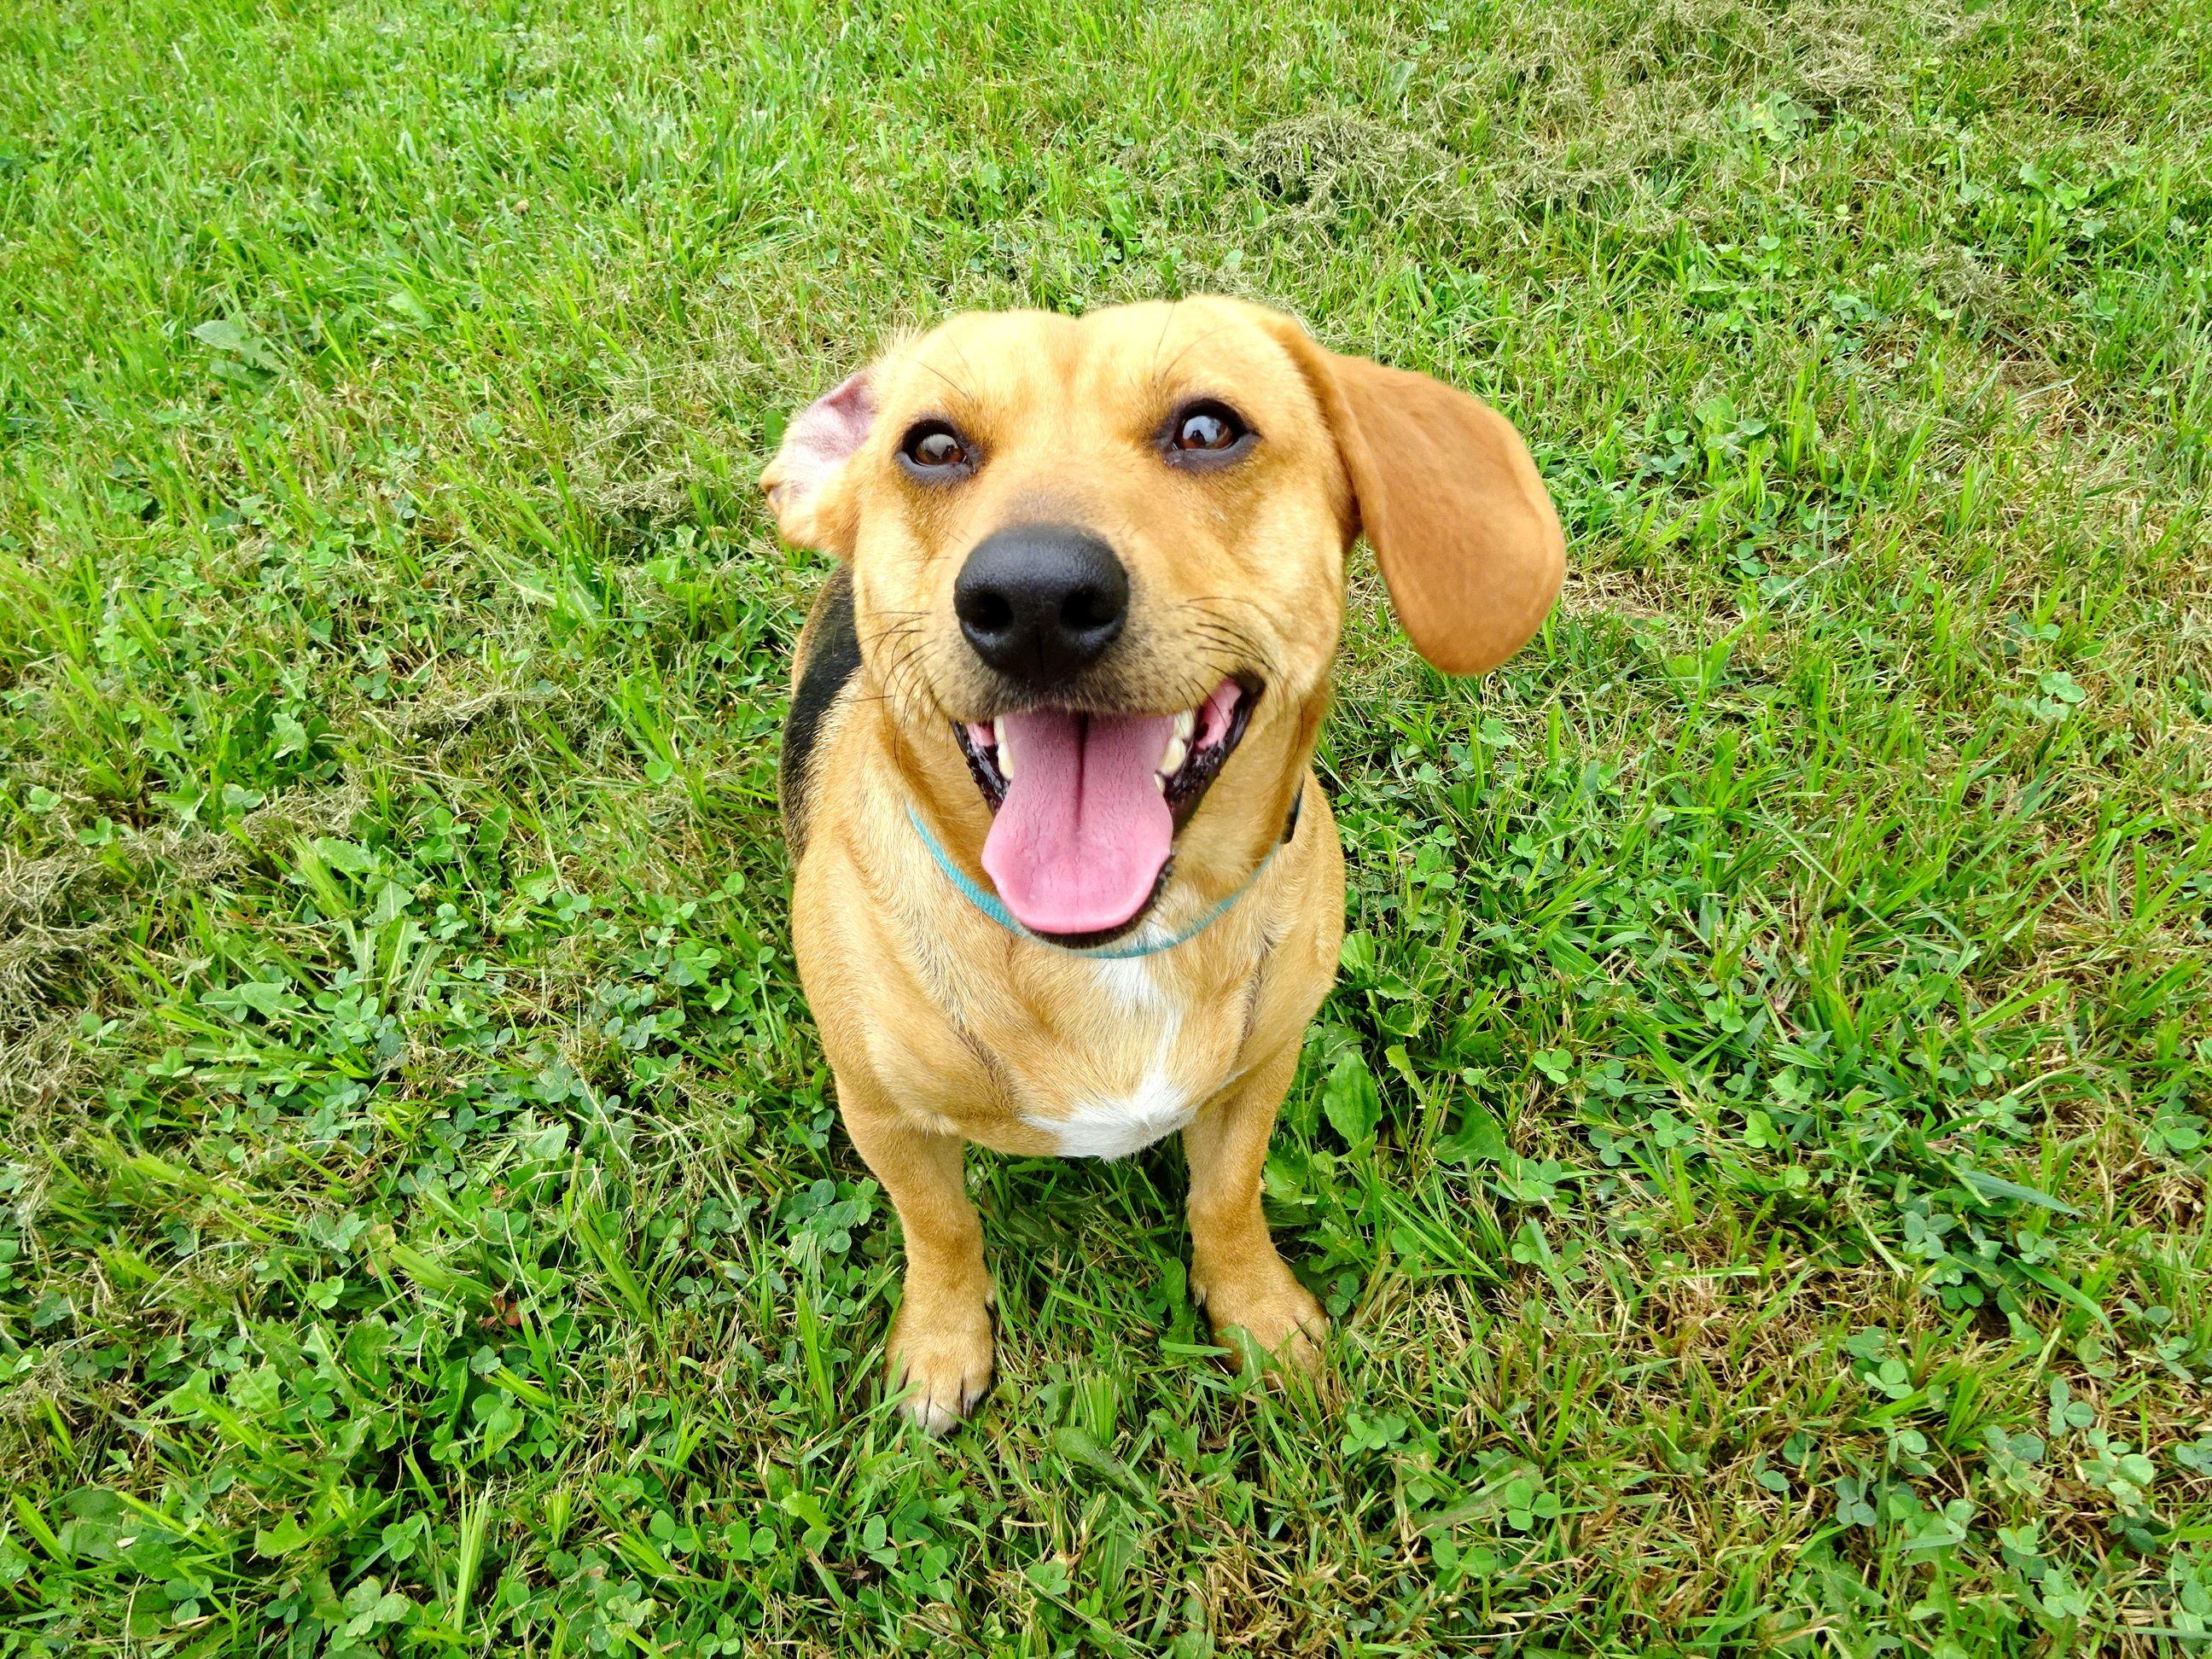 Doxle Dog For Adoption In Belleville Mi Adn 424007 On